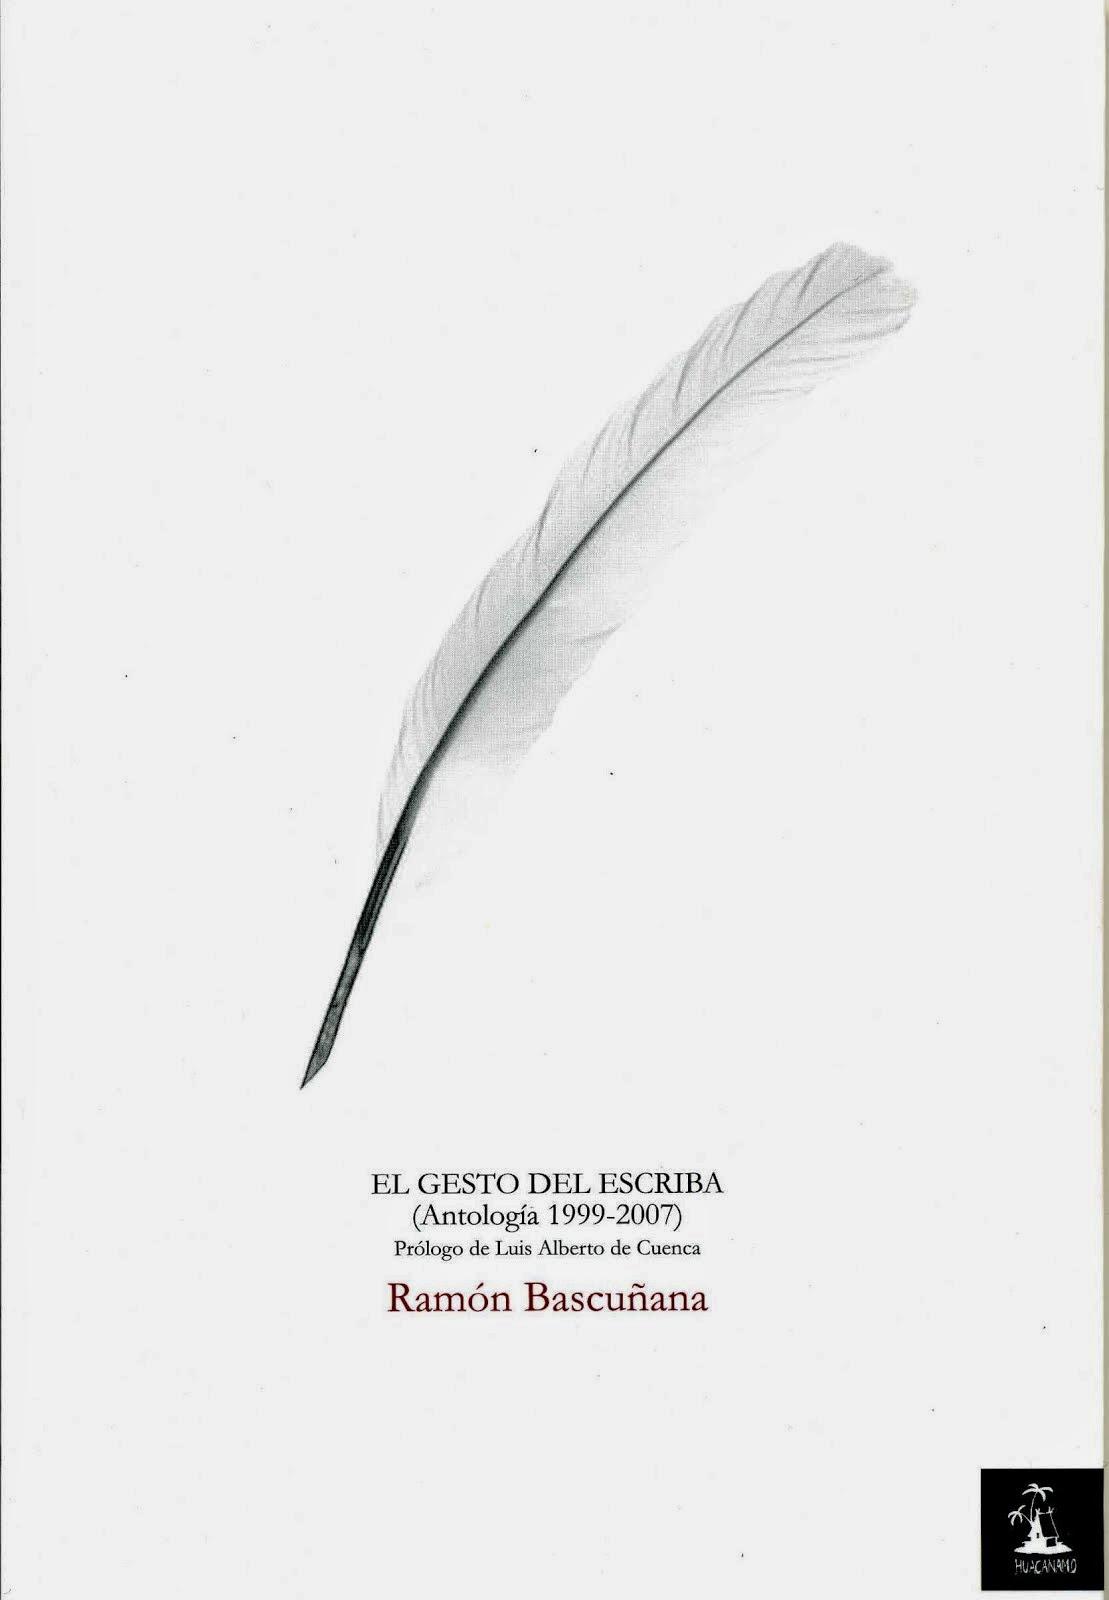 EL GESTO DEL ESCRIBA [2009]